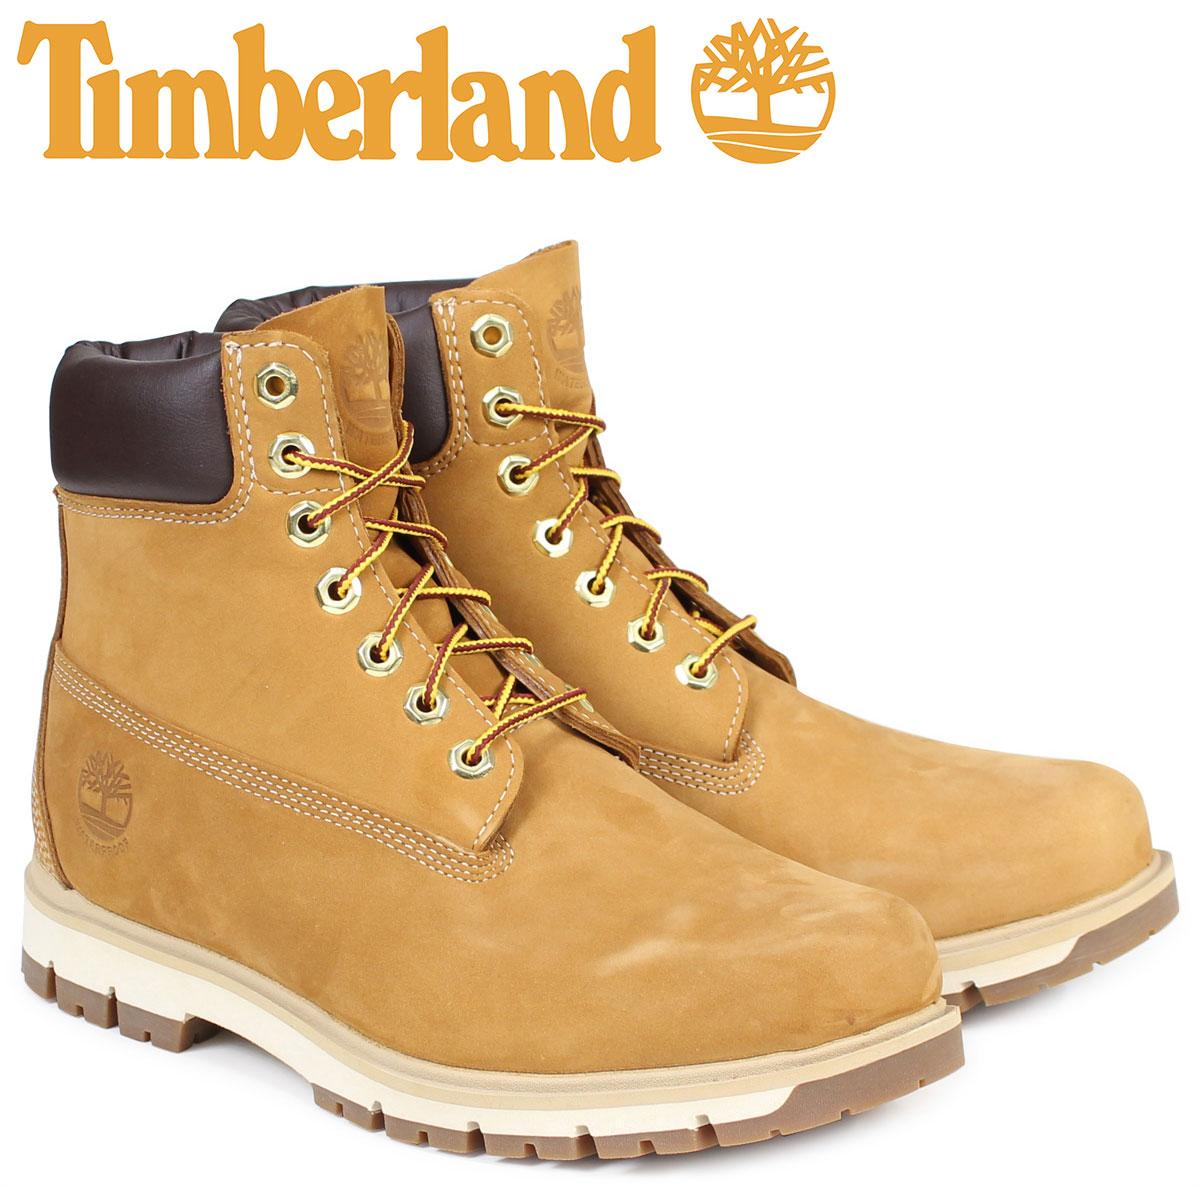 【最大2000円OFFクーポン】 ティンバーランド ブーツ メンズ 6インチ Timberland RADFORD 6INCH PREMIUM BOOT A1JHF ウォータープルーフ Wワイズ 防水 ブラウン